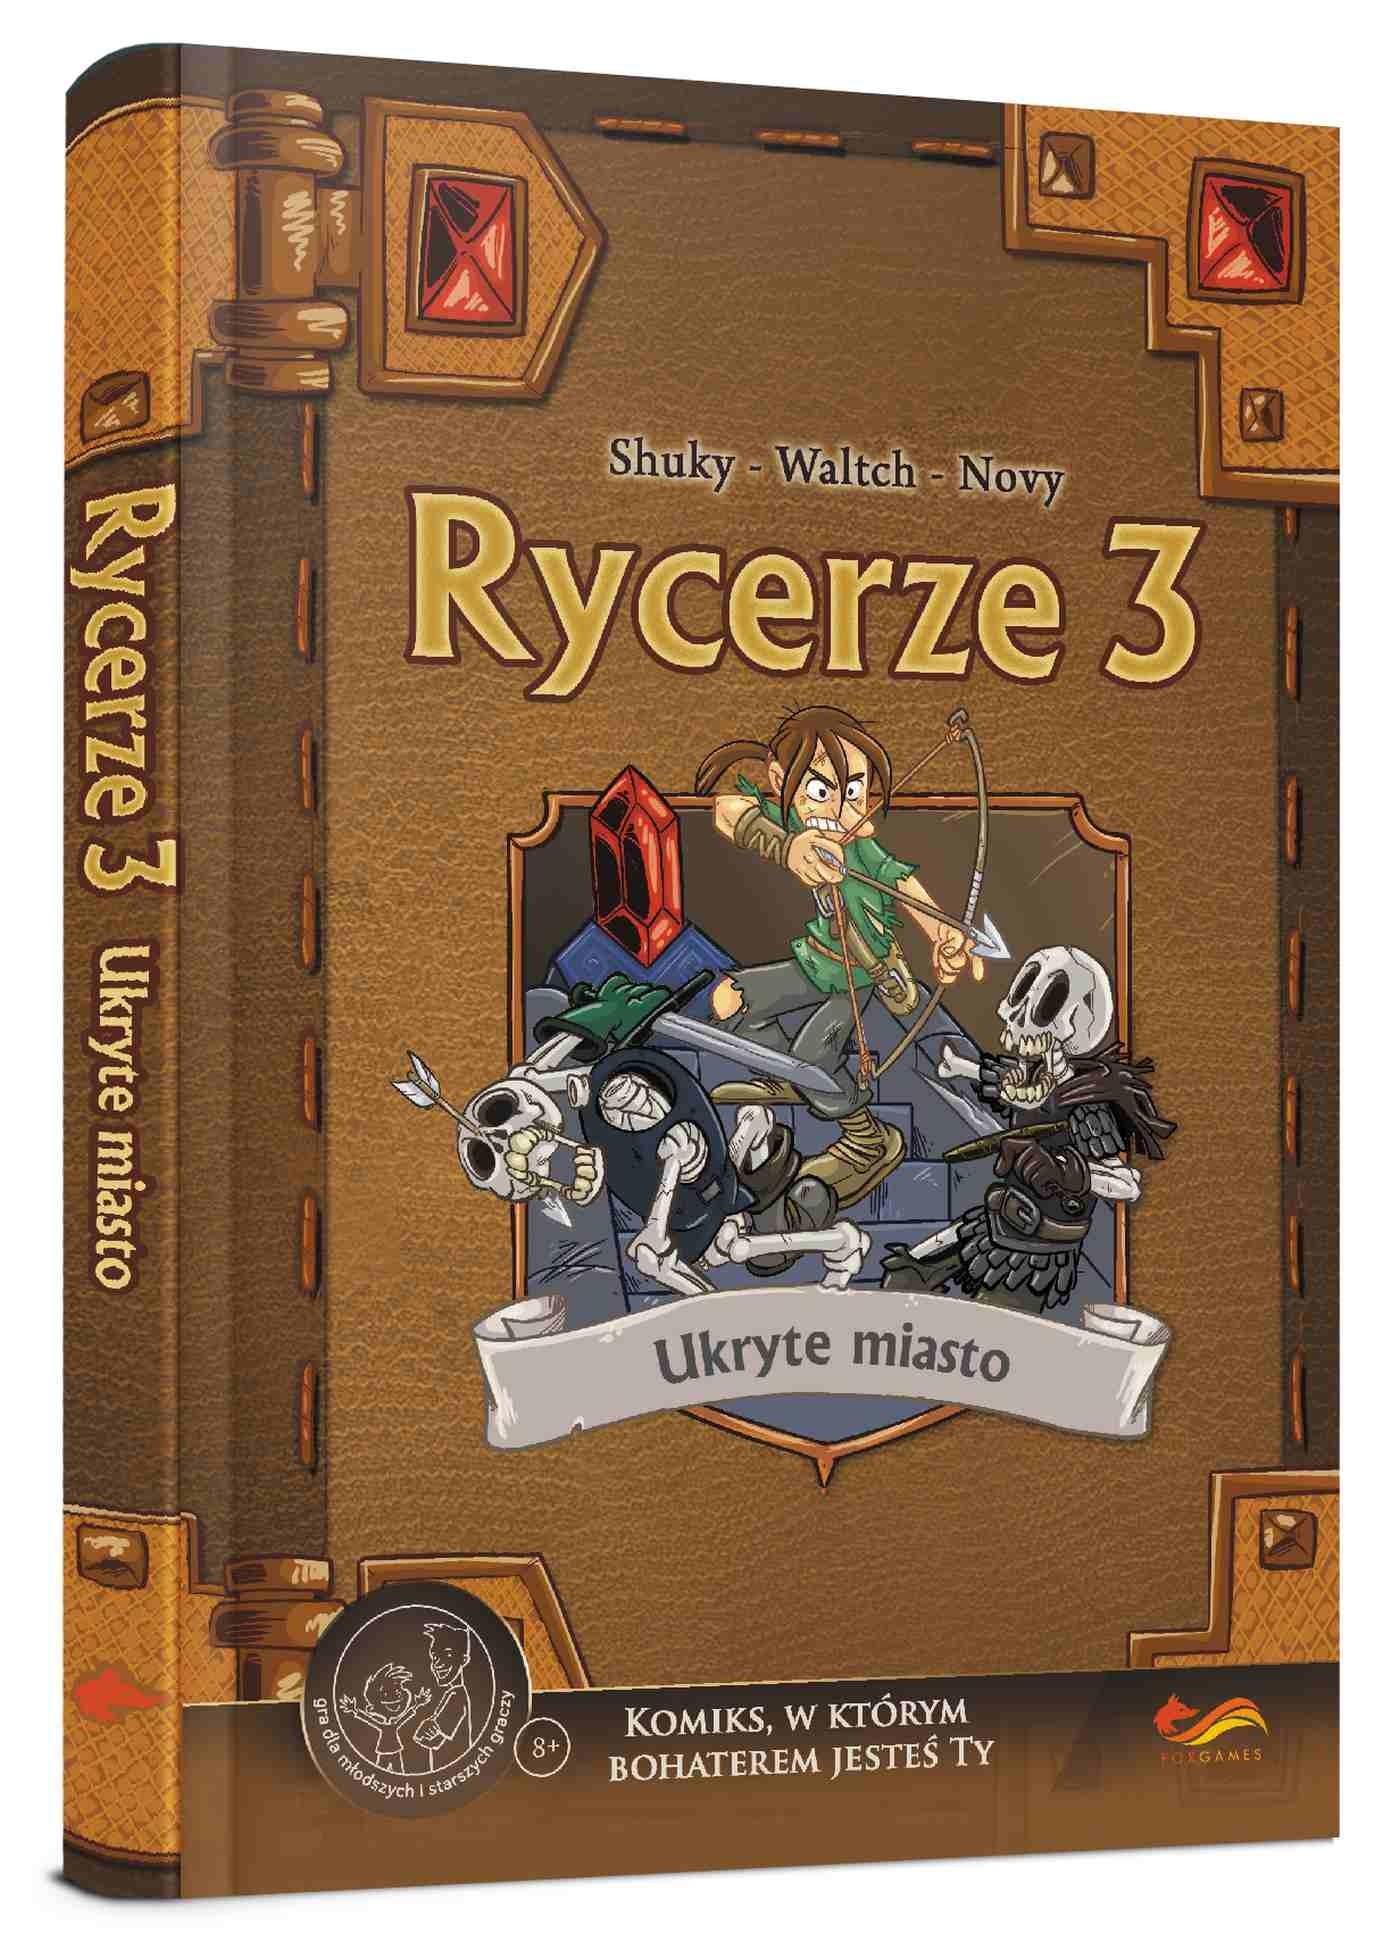 Komiks Paragrafowy - Rycerze 3 Ukryte Miasto